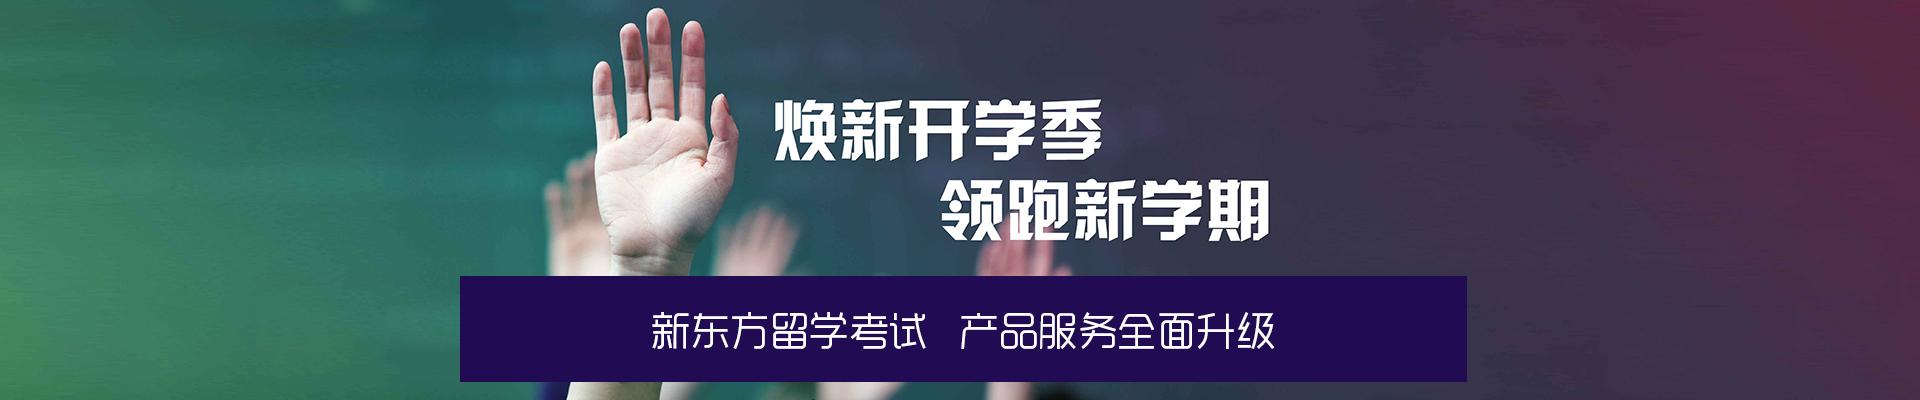 首页幻灯(上海新东方学校)